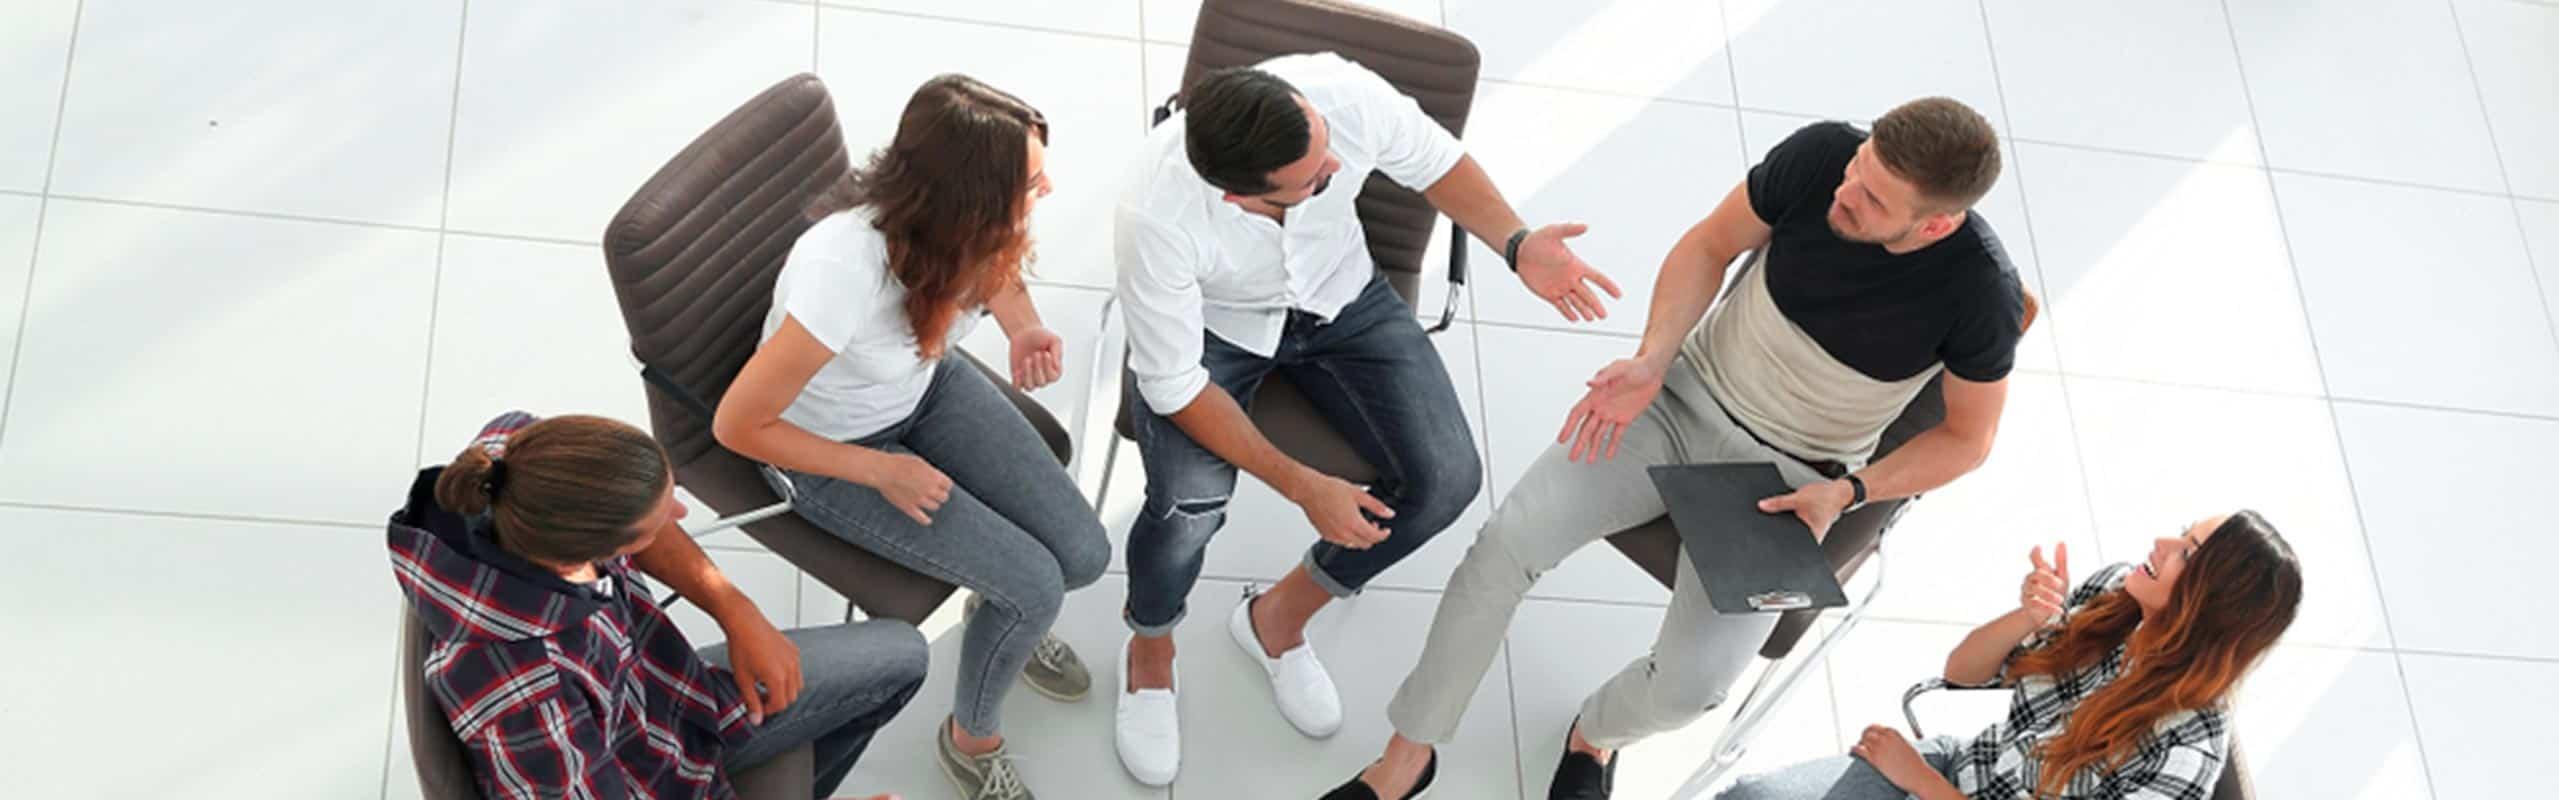 Descubre los beneficios que te puede aportar el coaching ejecutivo a tu empresa